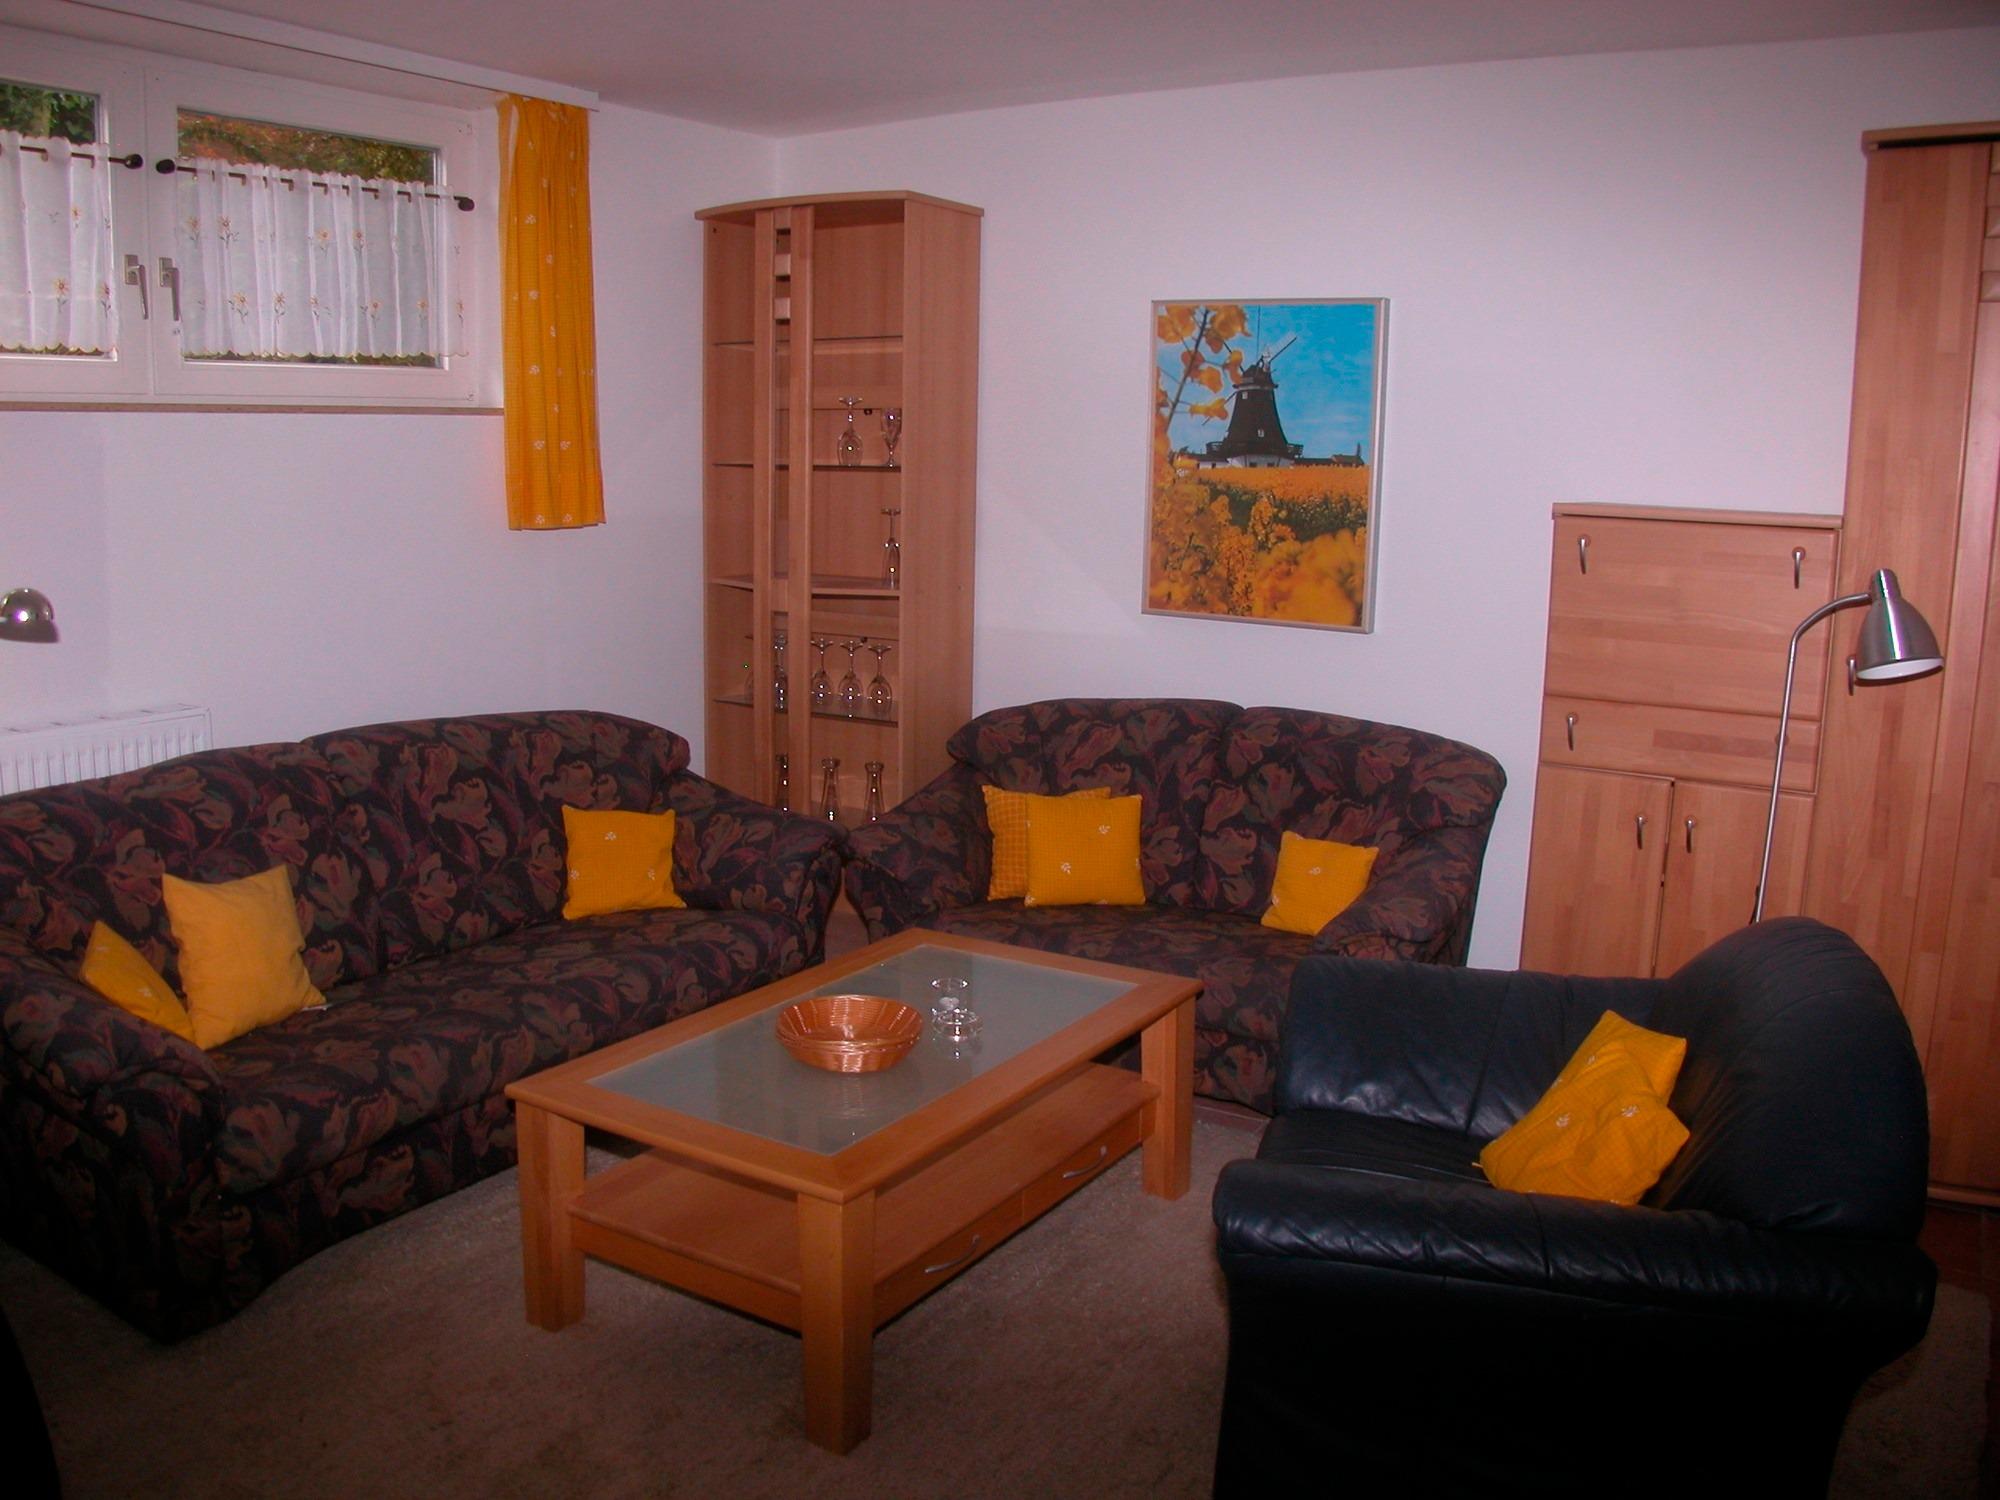 ferienwohnung kellenhusen 7 personen deutschland schleswig holstein 830259. Black Bedroom Furniture Sets. Home Design Ideas